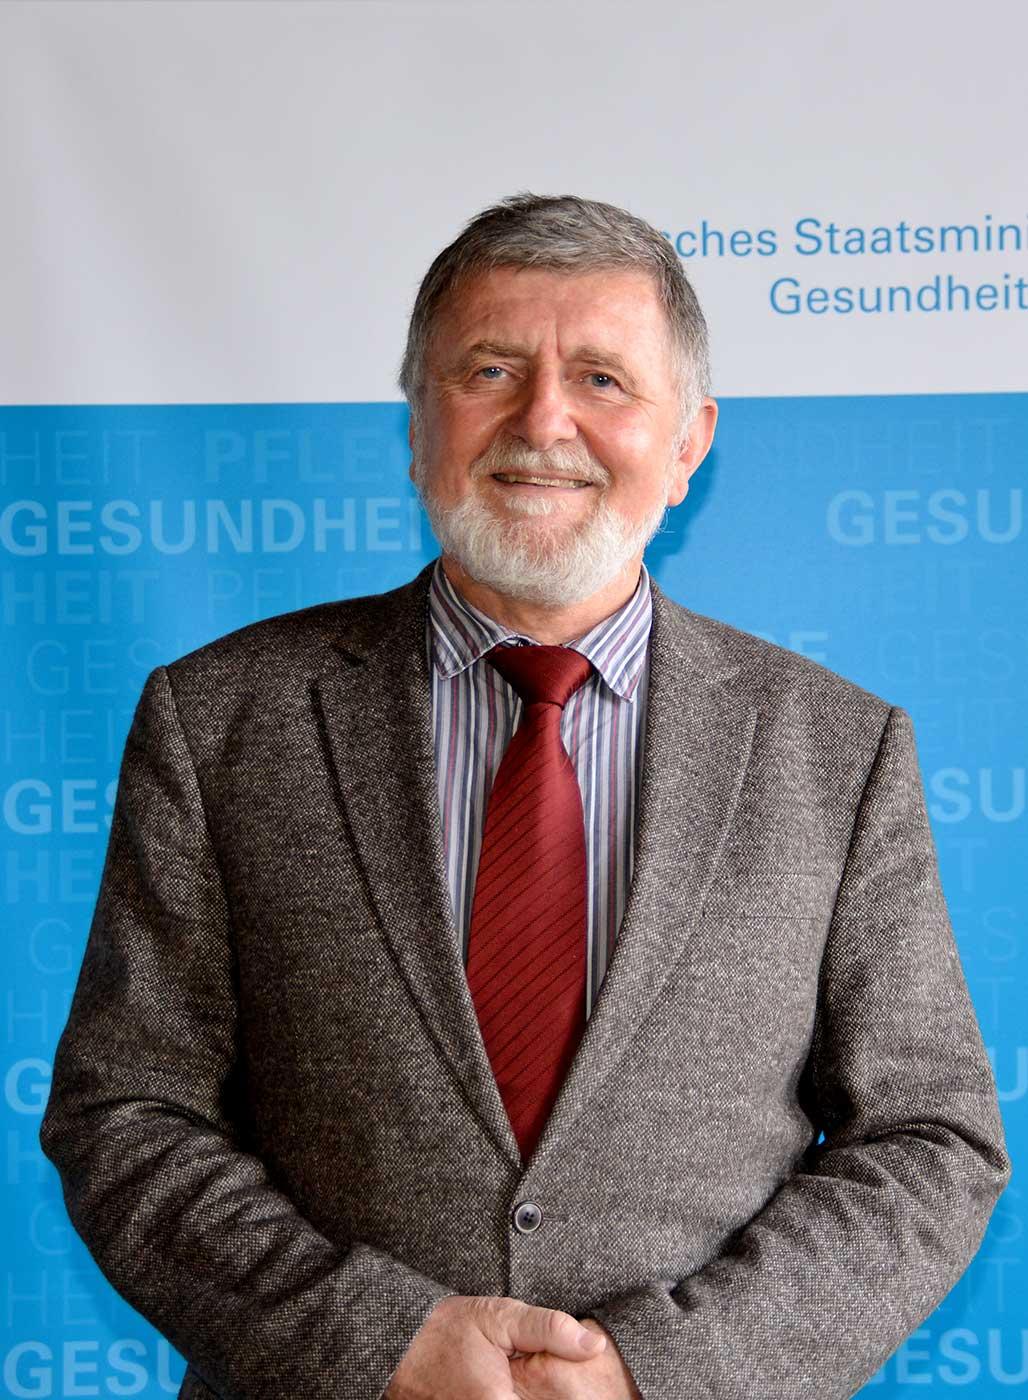 Prof. Josef Bäuml, Mitglied der Bayerischen Ethikkommission für Präimplantationsdiagnostik